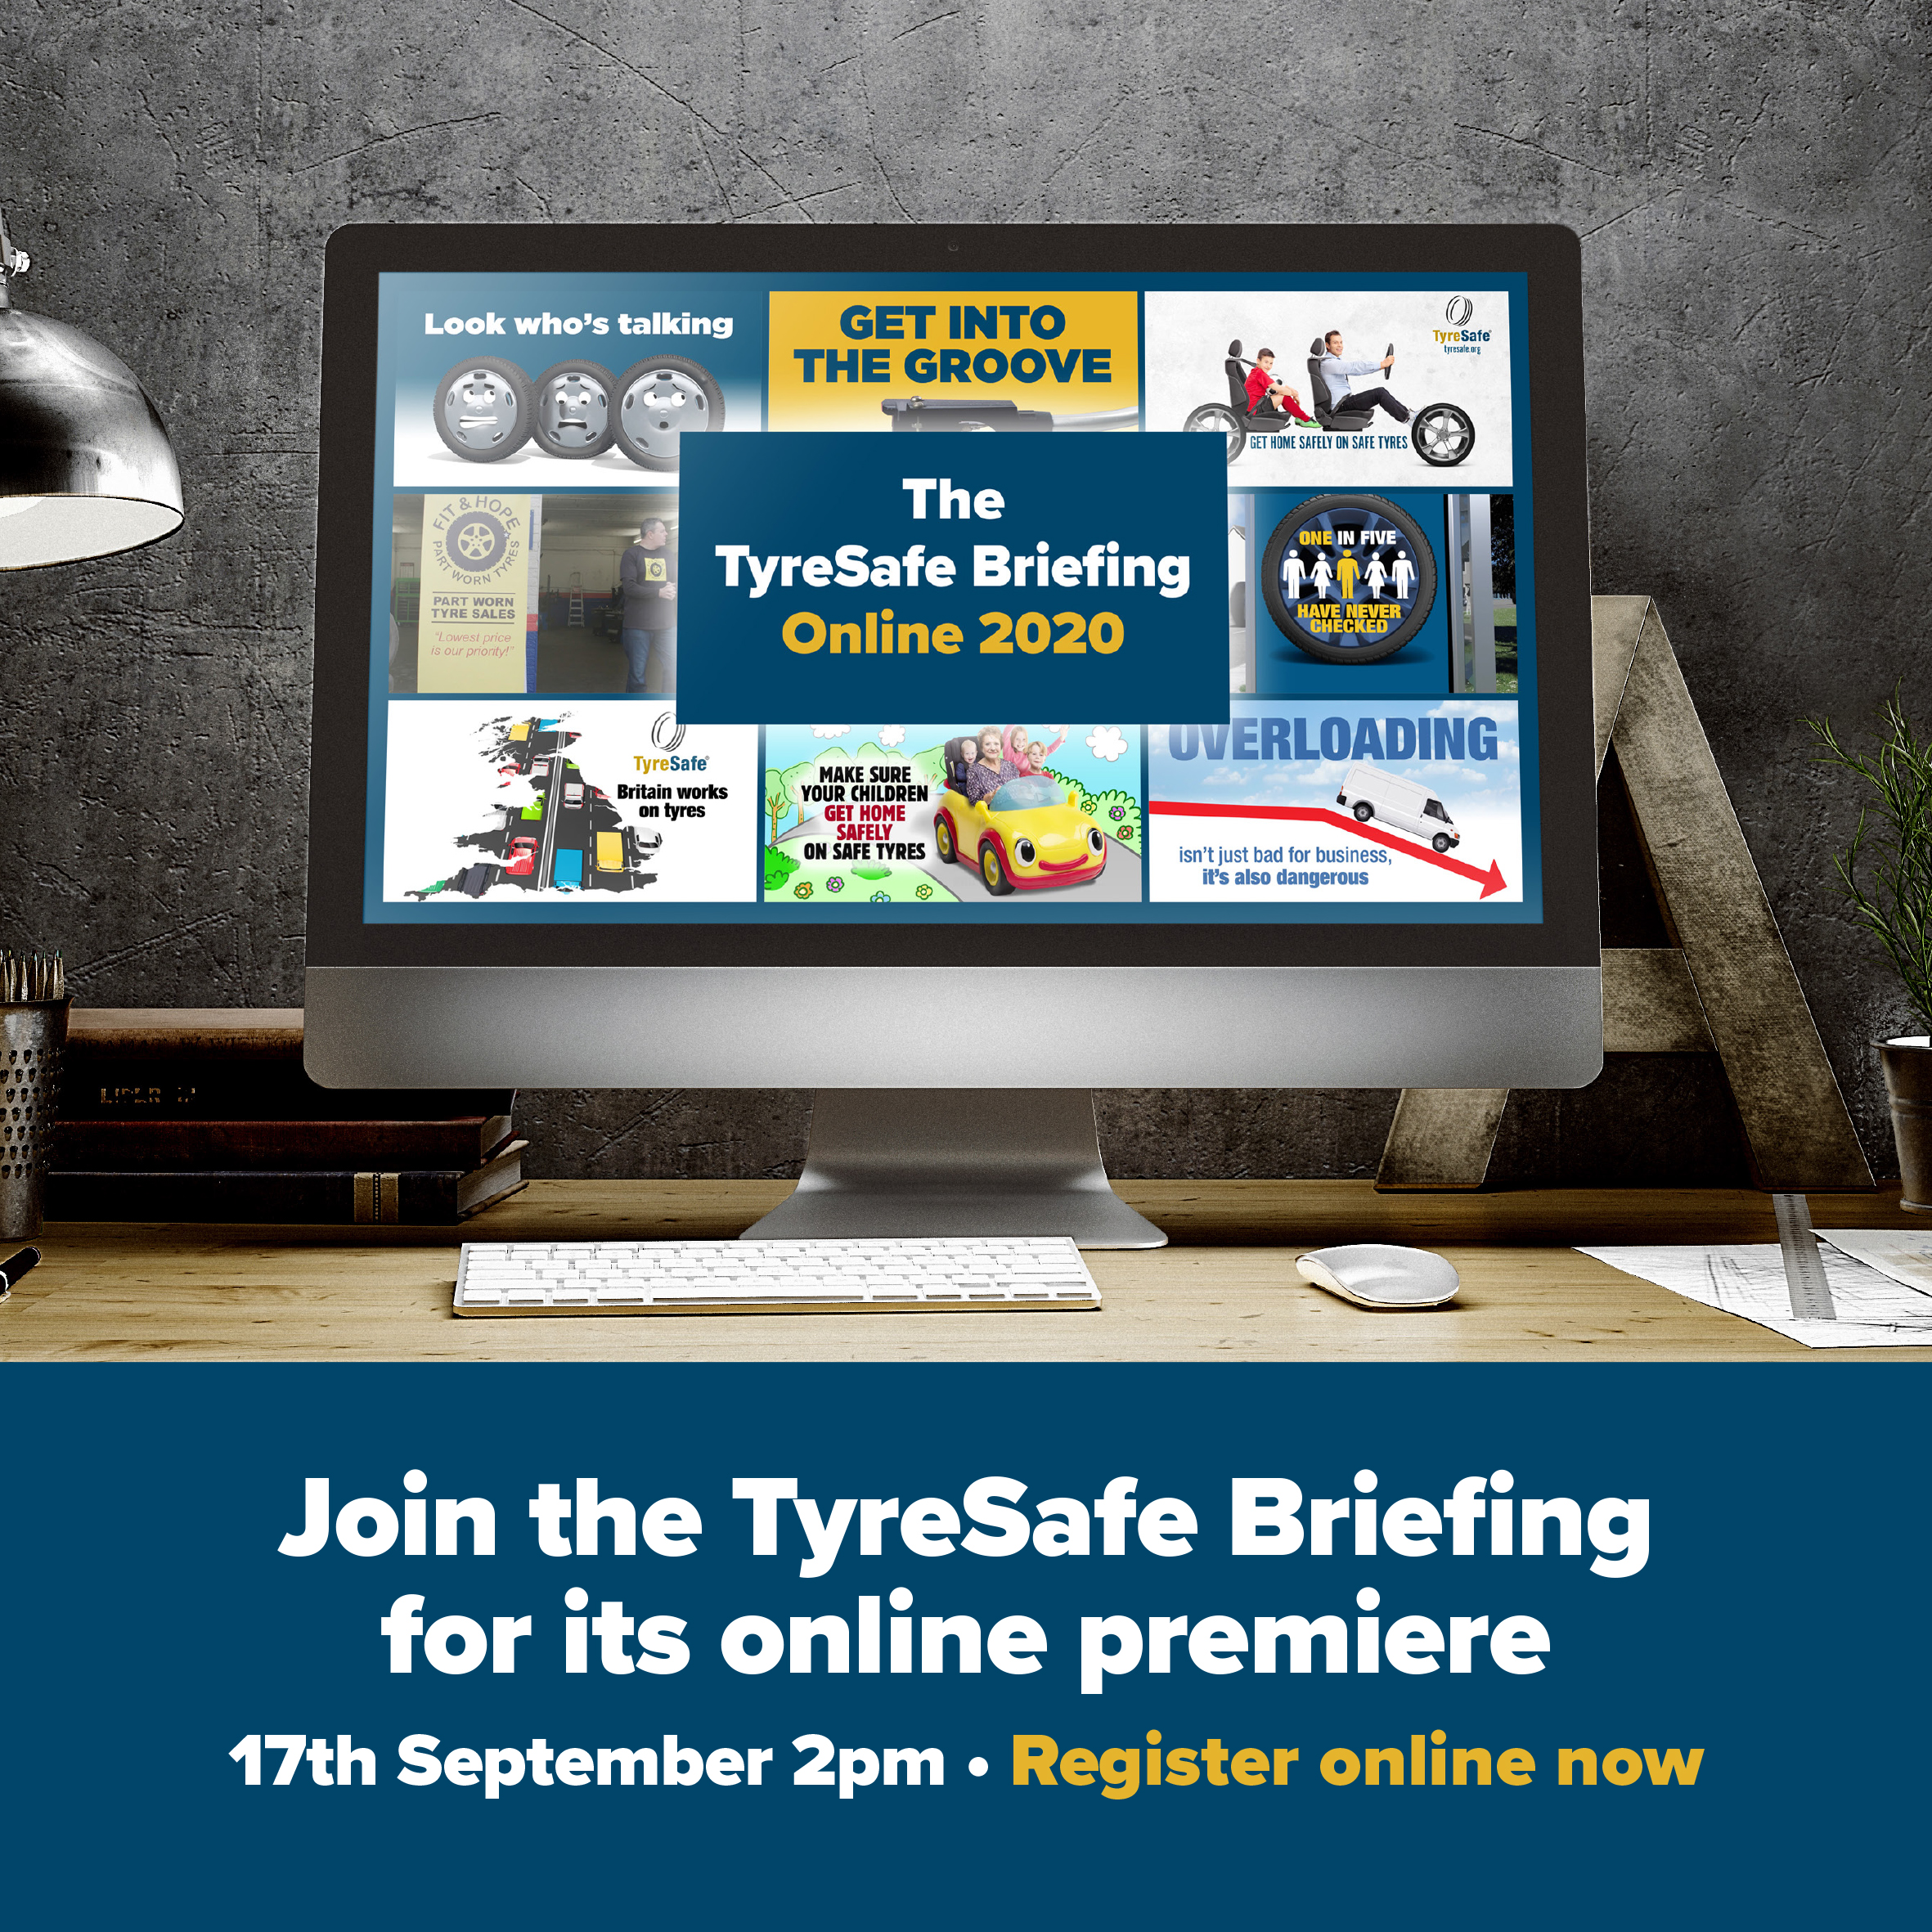 TyreSafe Briefing